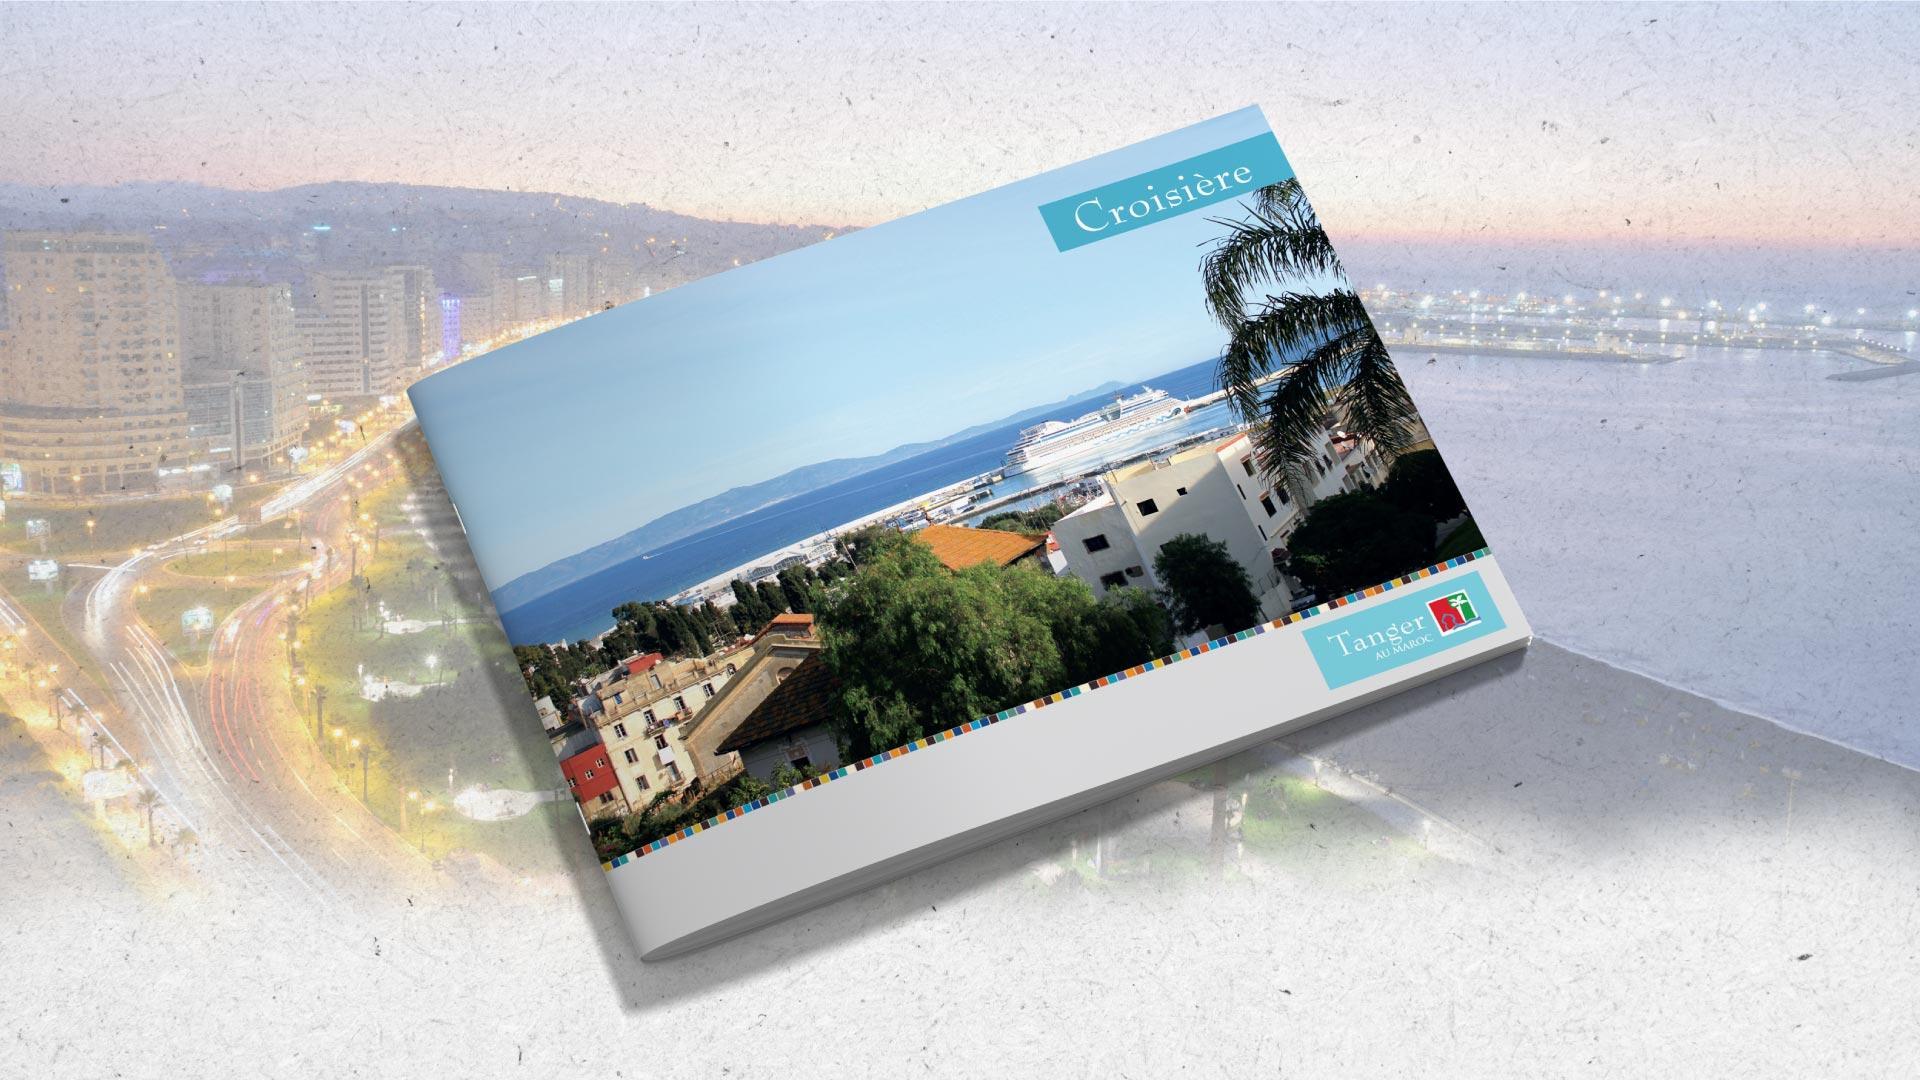 Présentation de Brochure | Croisière - Tanger - map-concepts Agence Communication de Tanger